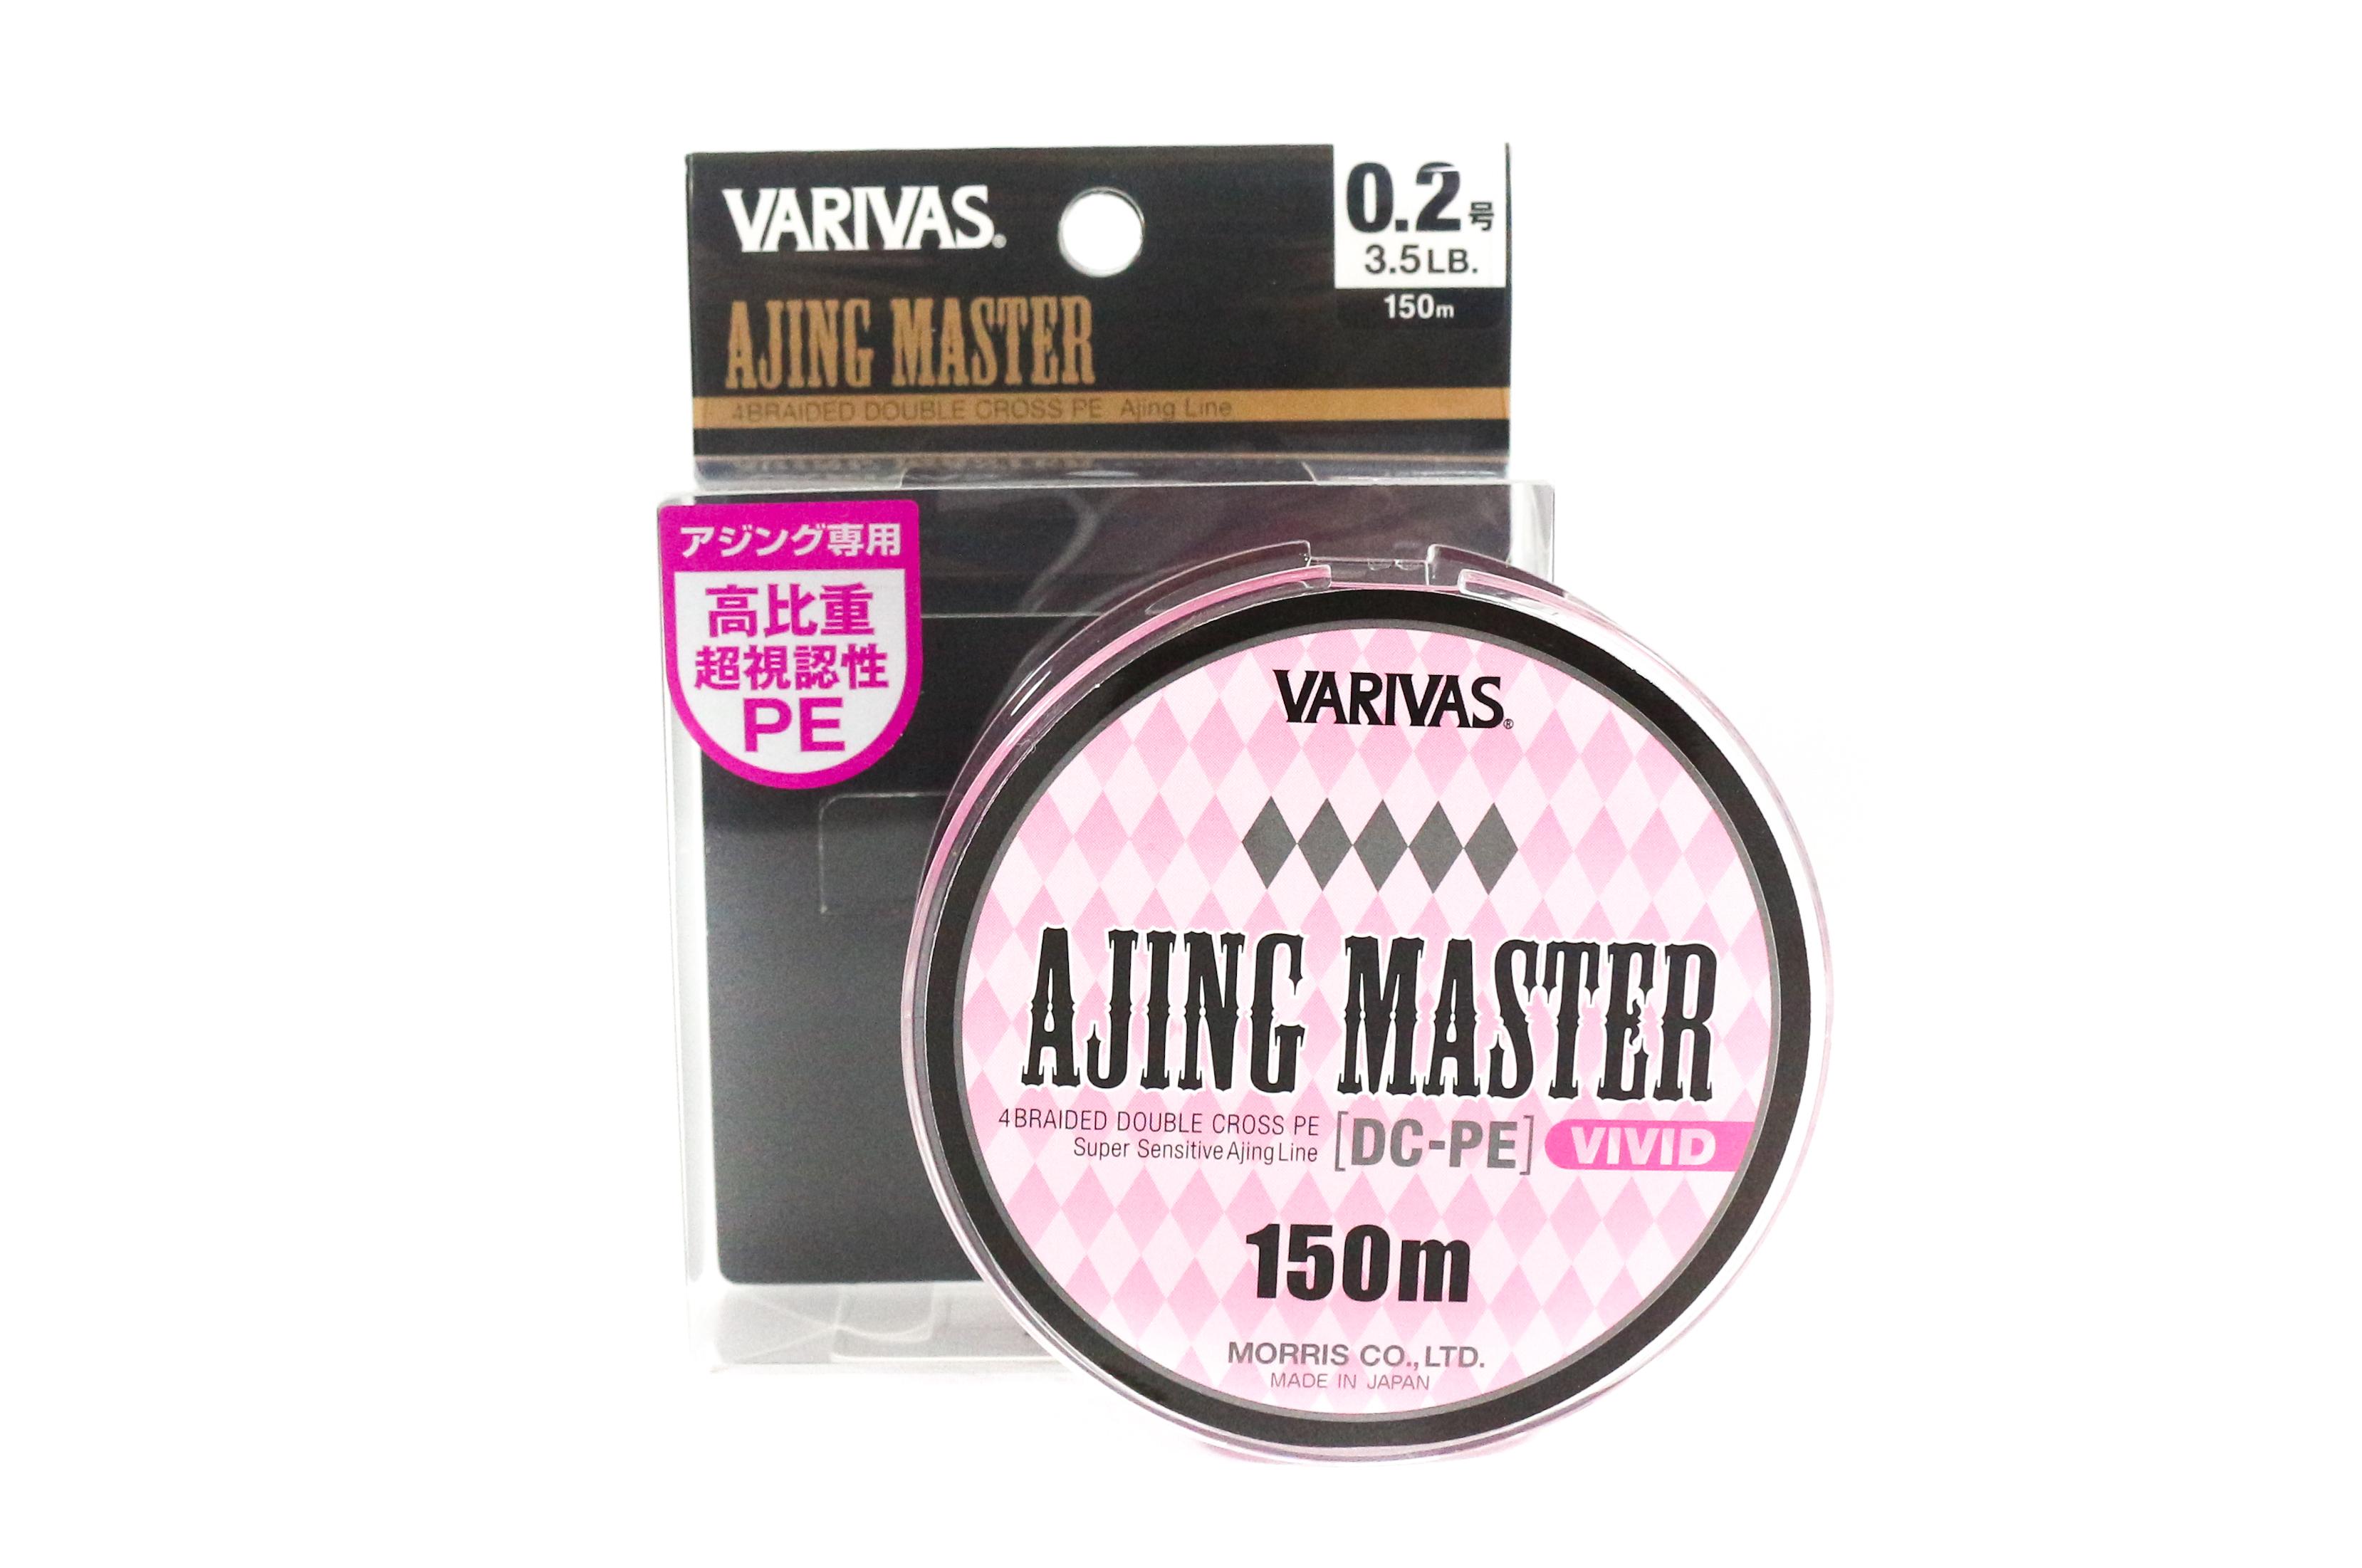 Sale Varivas P.E Line Ajing Master DC-PE Vivid 150m P.E 0.2 Max 3.5lb (7263)